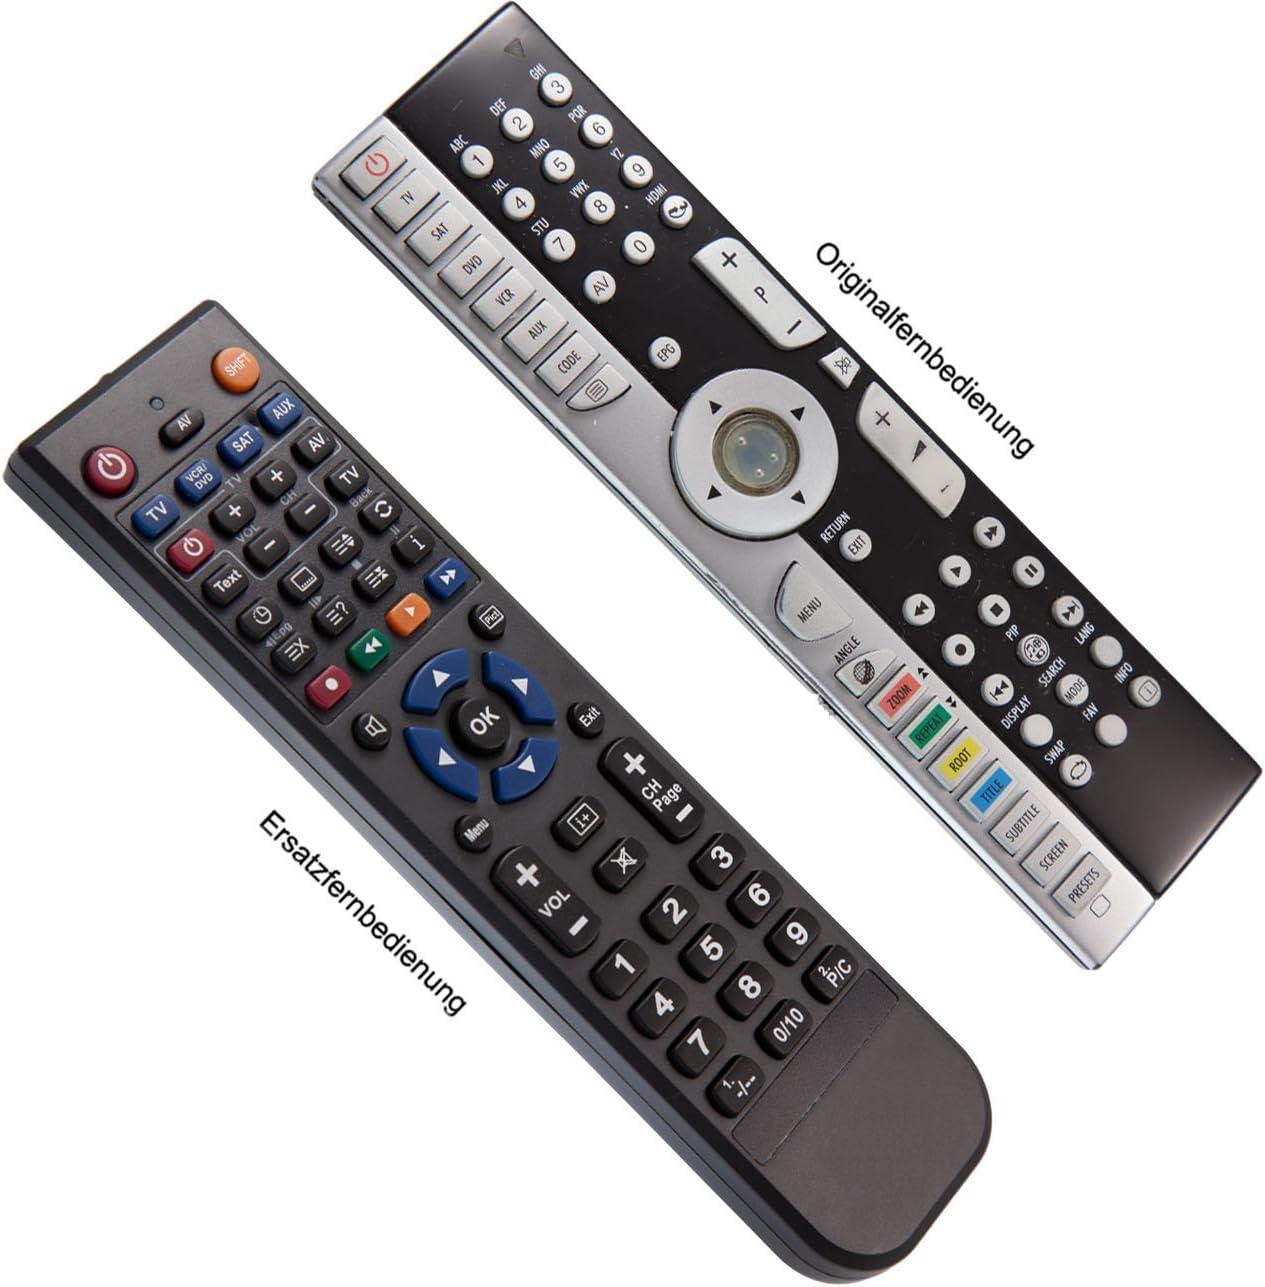 BC30007B Ersatzfernbedienung für MEDION LIFE S16000 MD30408 MSN 30011102